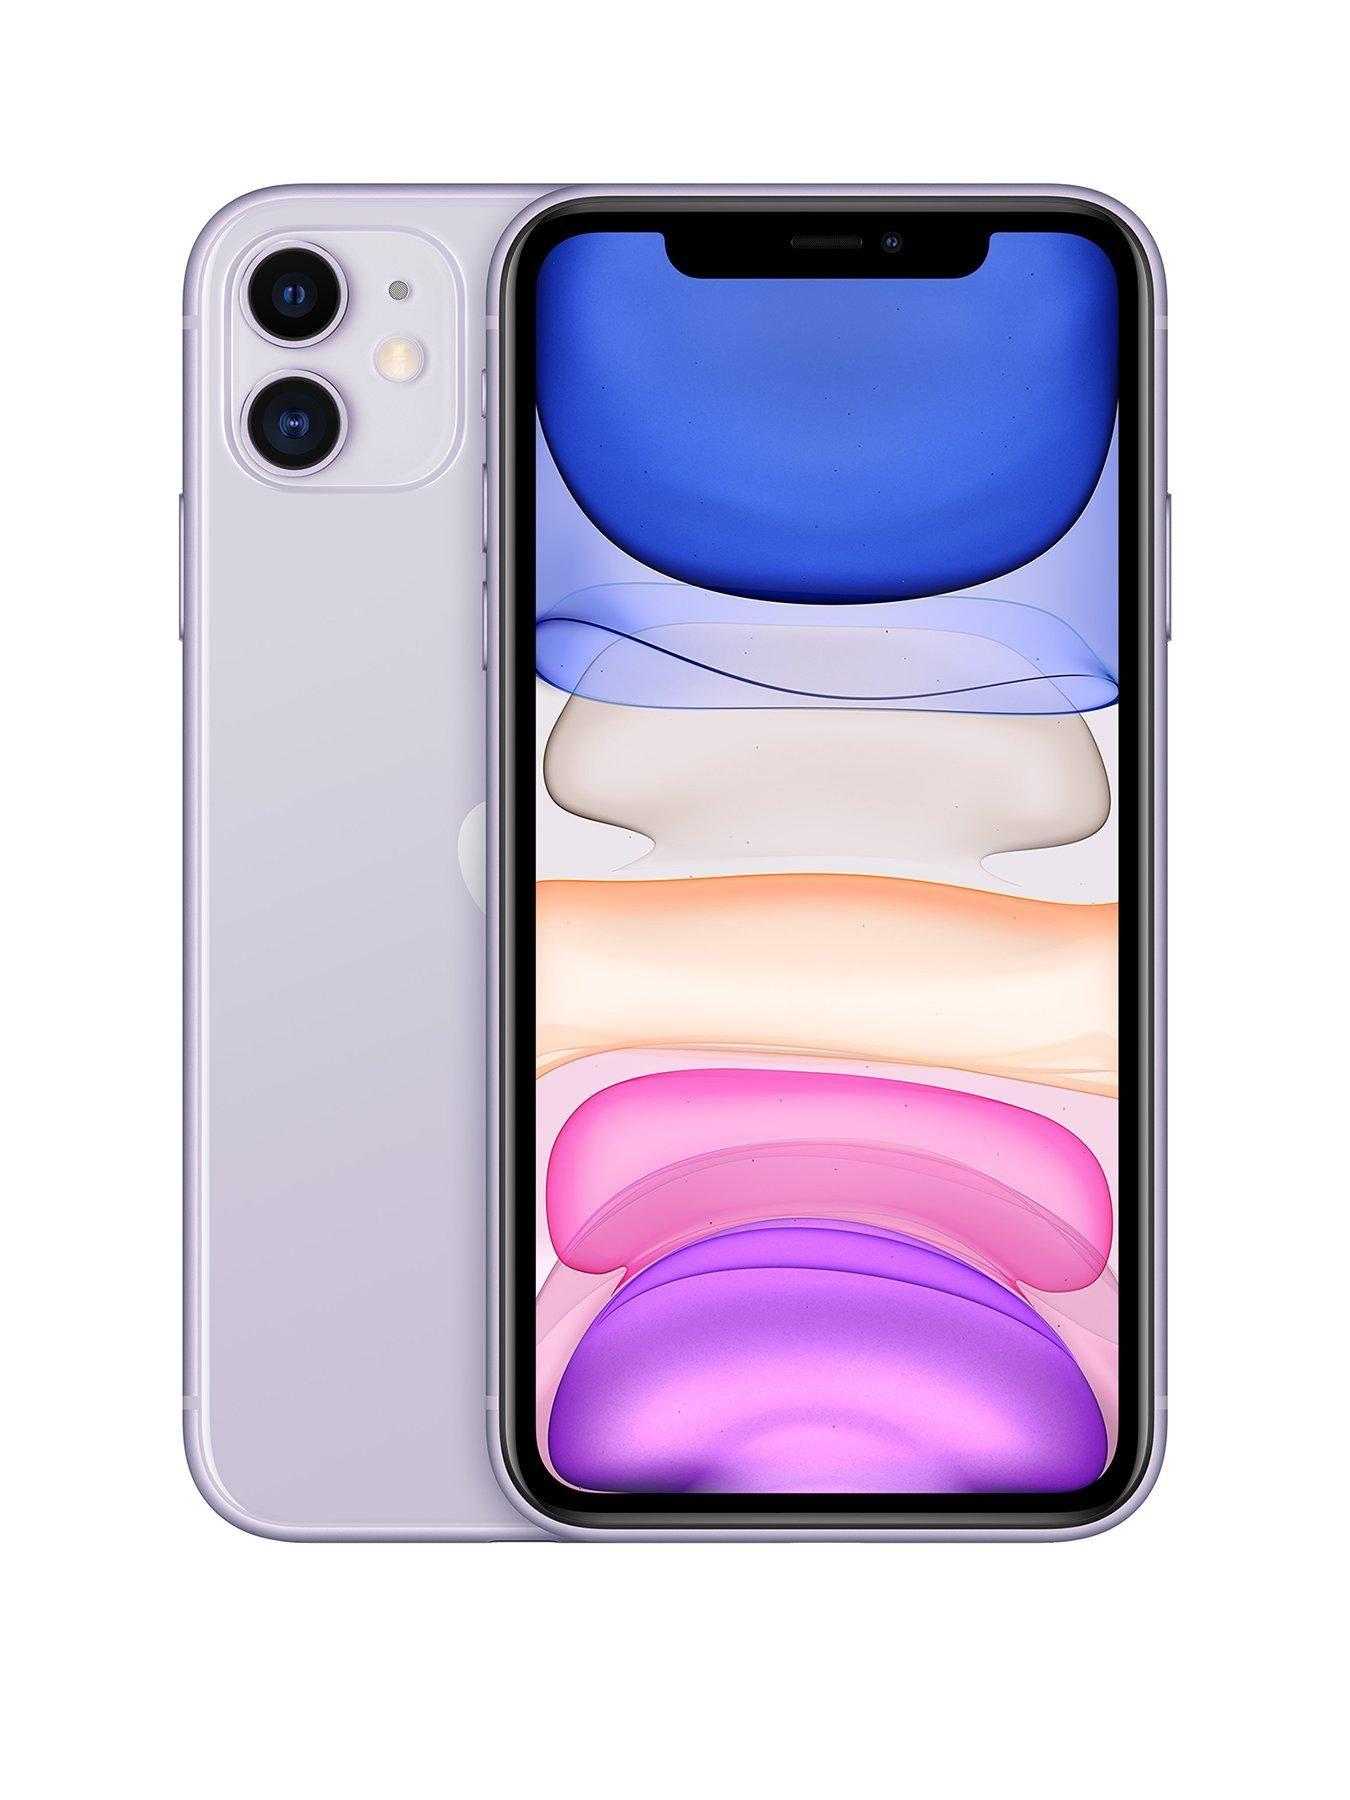 iOS 11, Turquoise, sand, beach, ocean, abstract, apple